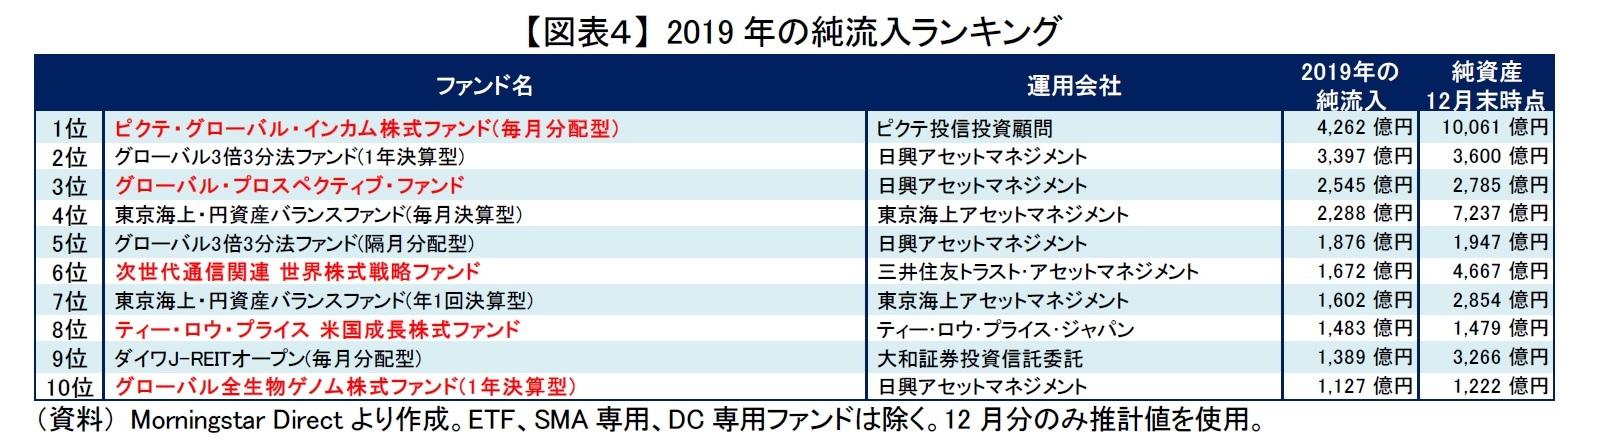 【図表4】 2019年の純流入ランキング